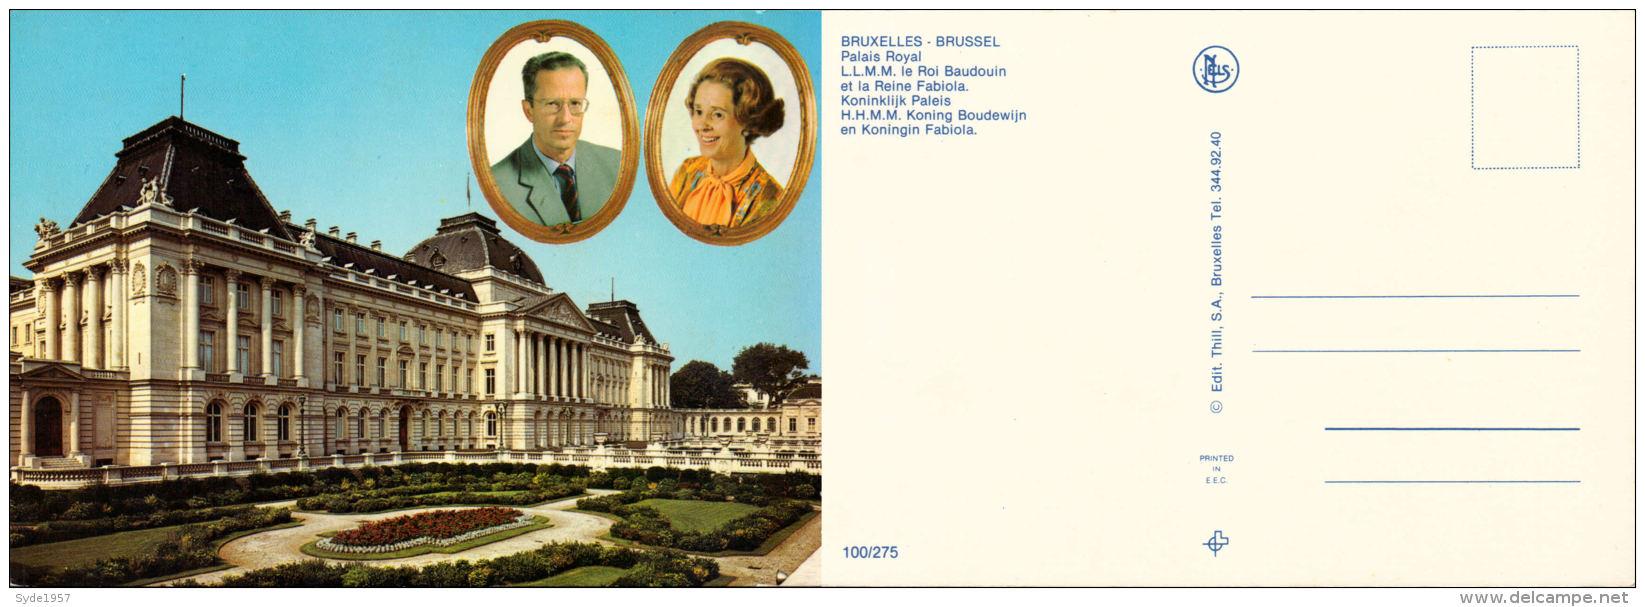 Belgique - Roi Baudouin Et Reine Fabiola En Médaillon Au Dessus Du Palais Royal - Koninklijke Families